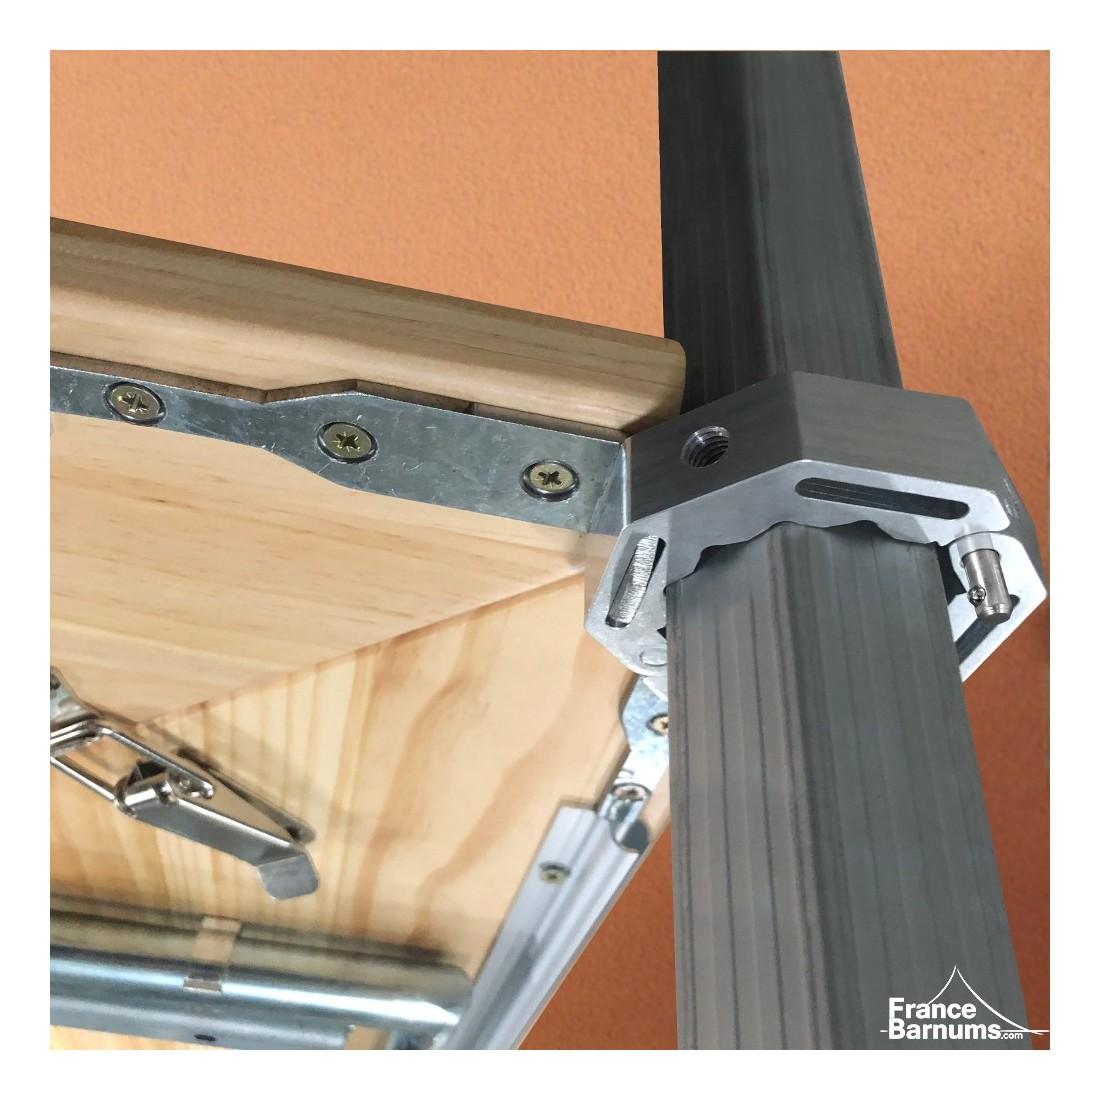 connecteur de table comptoir buvette 45mm pour barnum. Black Bedroom Furniture Sets. Home Design Ideas